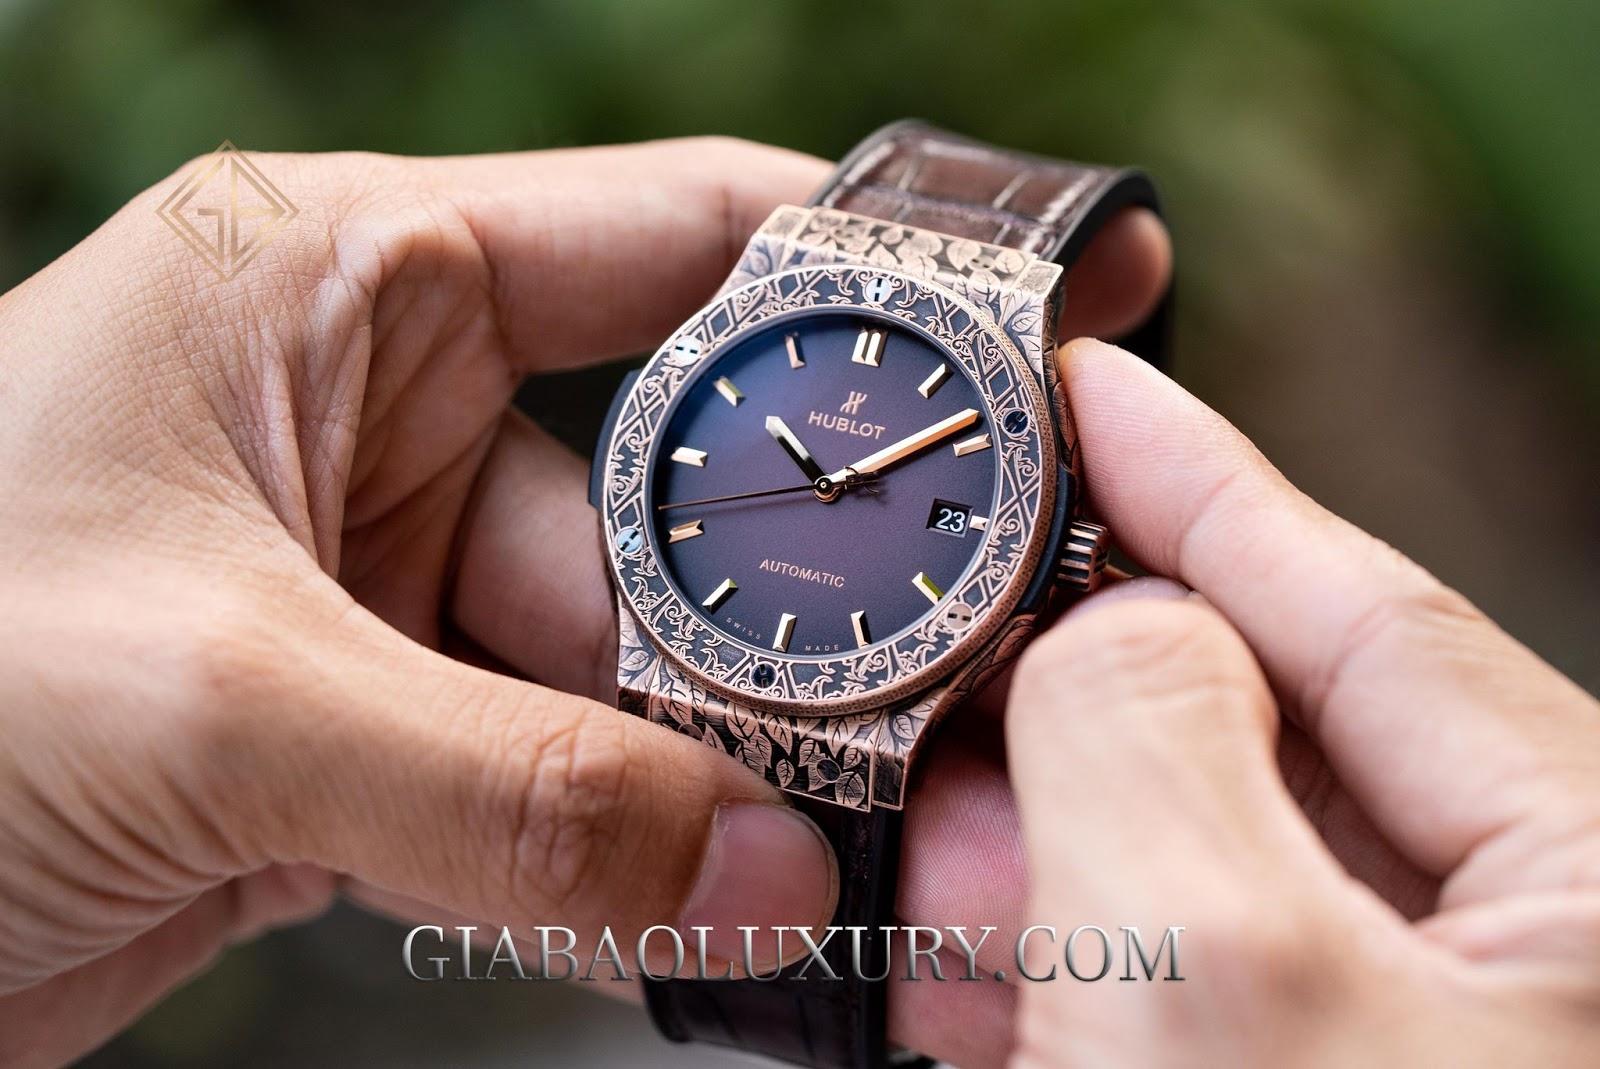 Hiện nay có nhiều người thích việc sử dụng đồng hồ cao cấp đã qua sử dụng hơn là đồng hồ mới